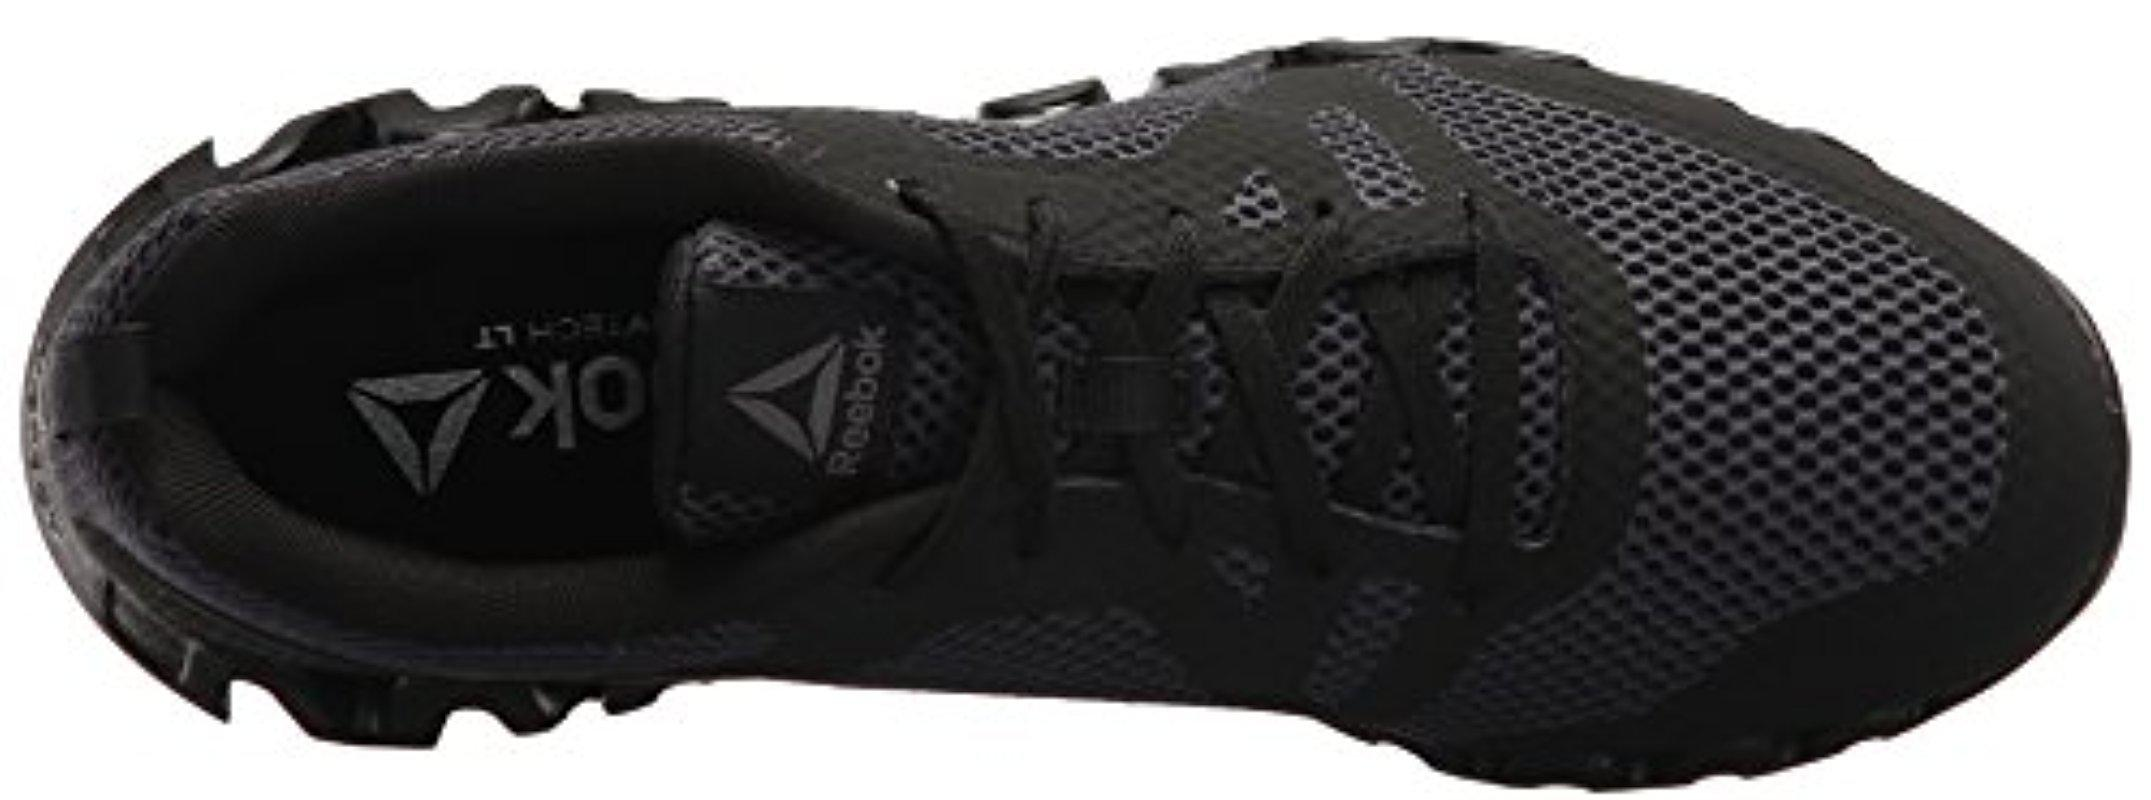 21522c06b813e7 Reebok - Black Zig Evolution 2.0 Sneaker for Men - Lyst. View fullscreen